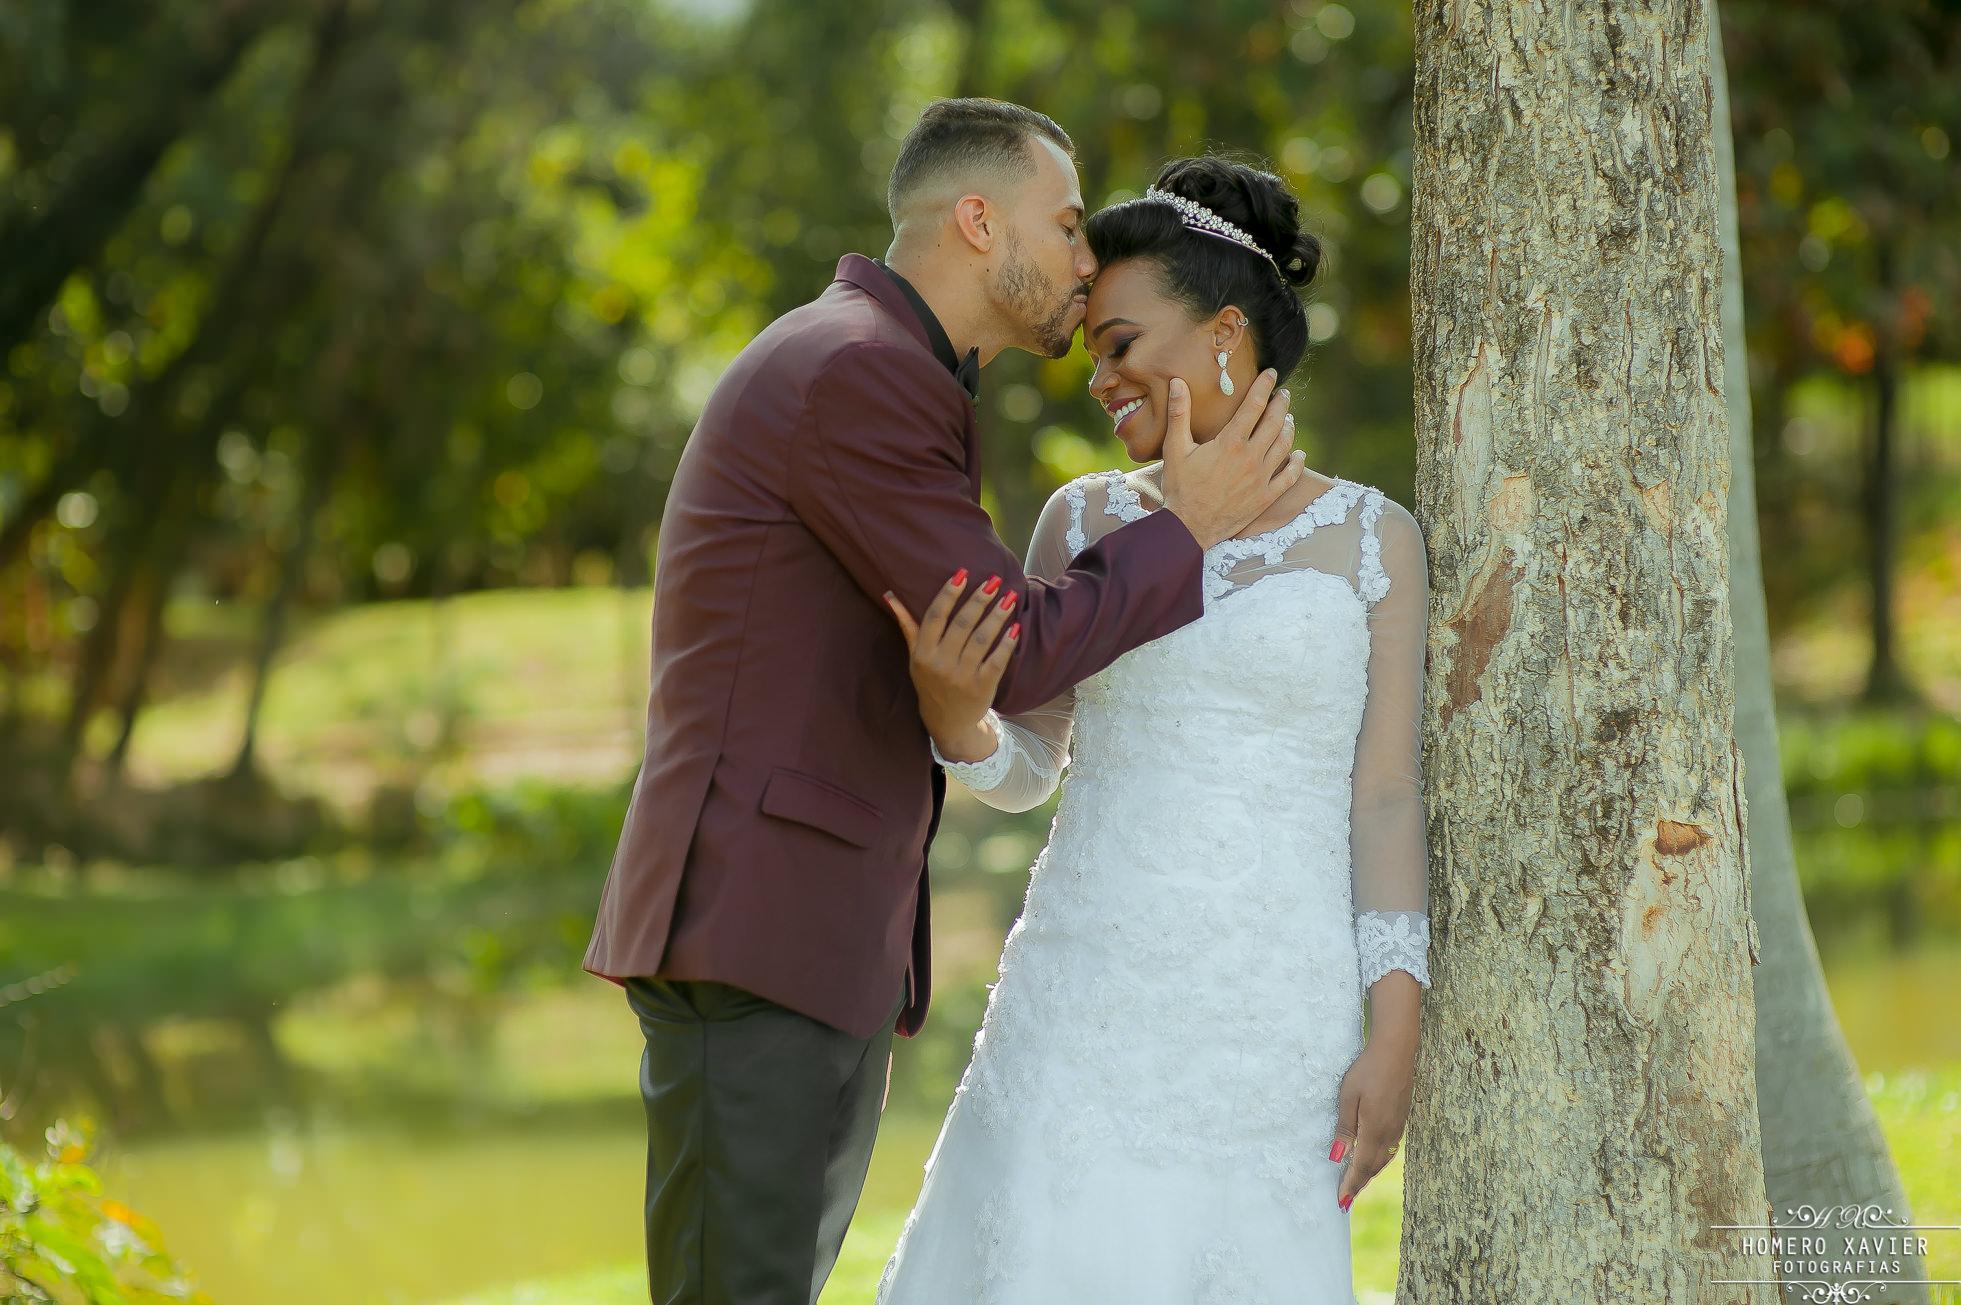 foto externa casamento parque em BH